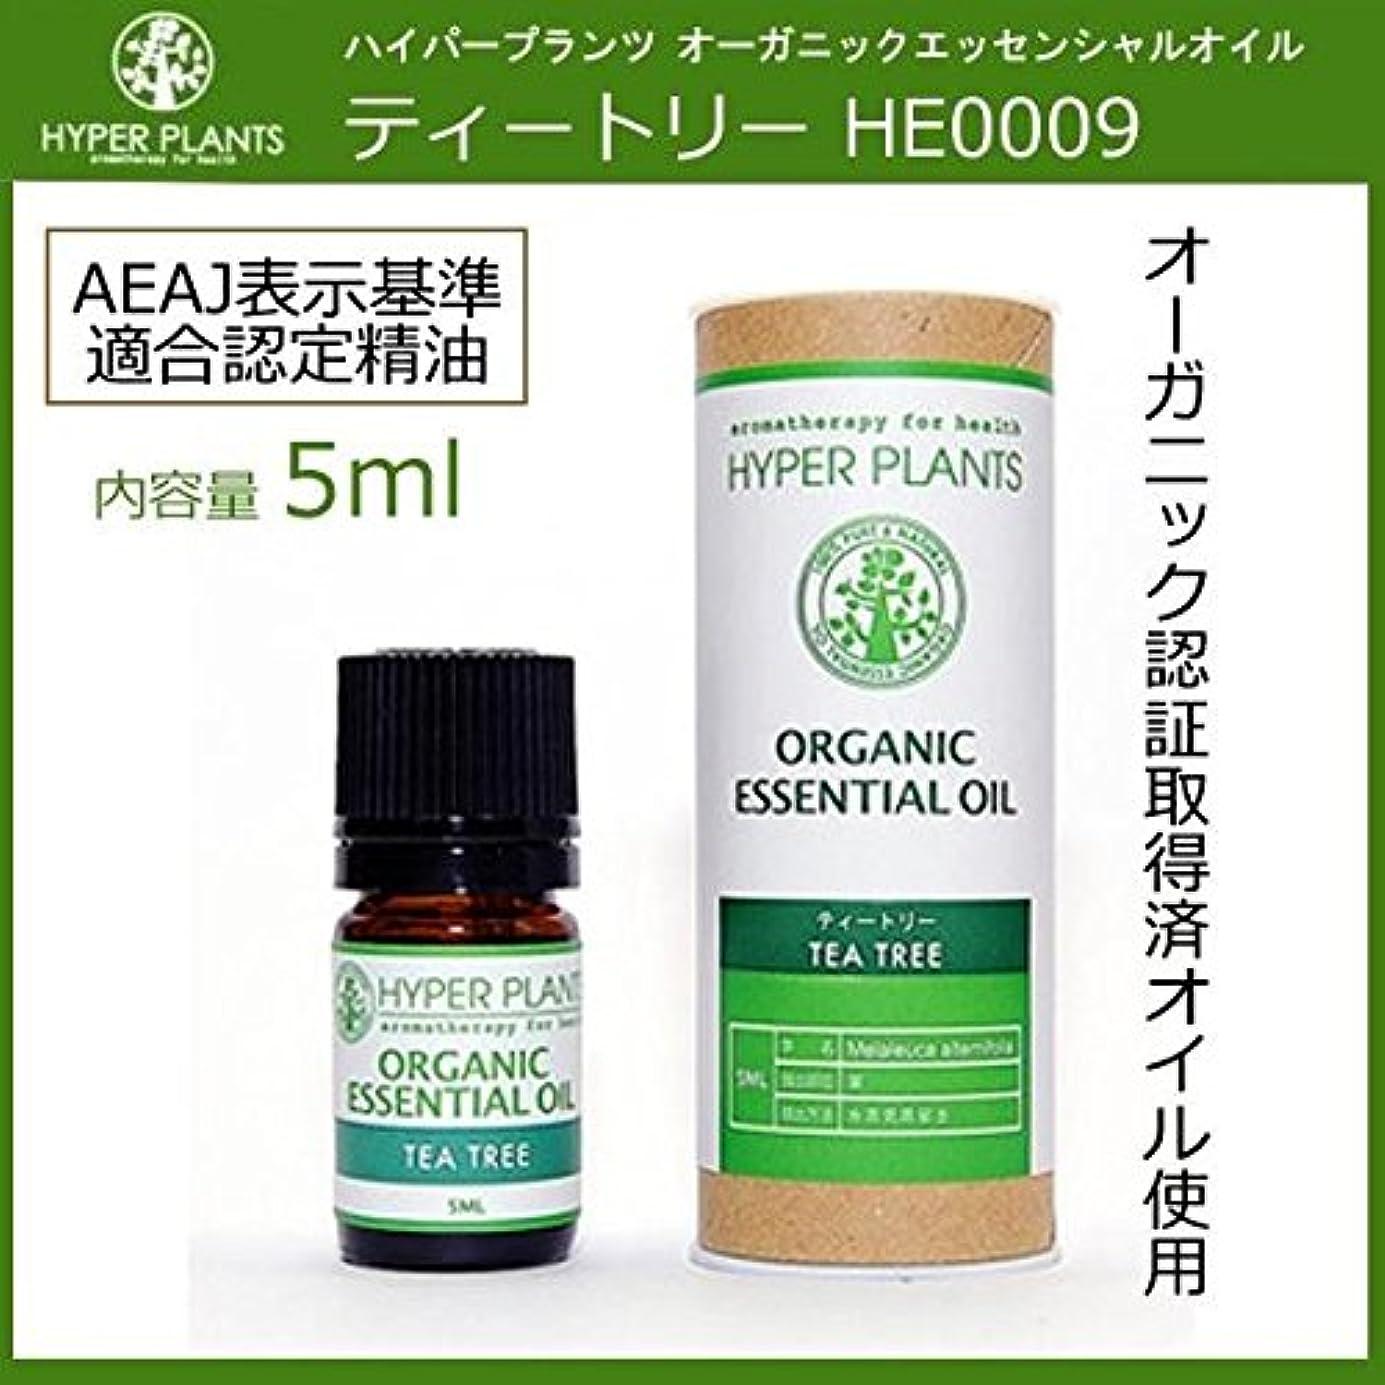 巻き取り廃棄被るHYPER PLANTS ハイパープランツ オーガニックエッセンシャルオイル ティートリー 5ml HE0009